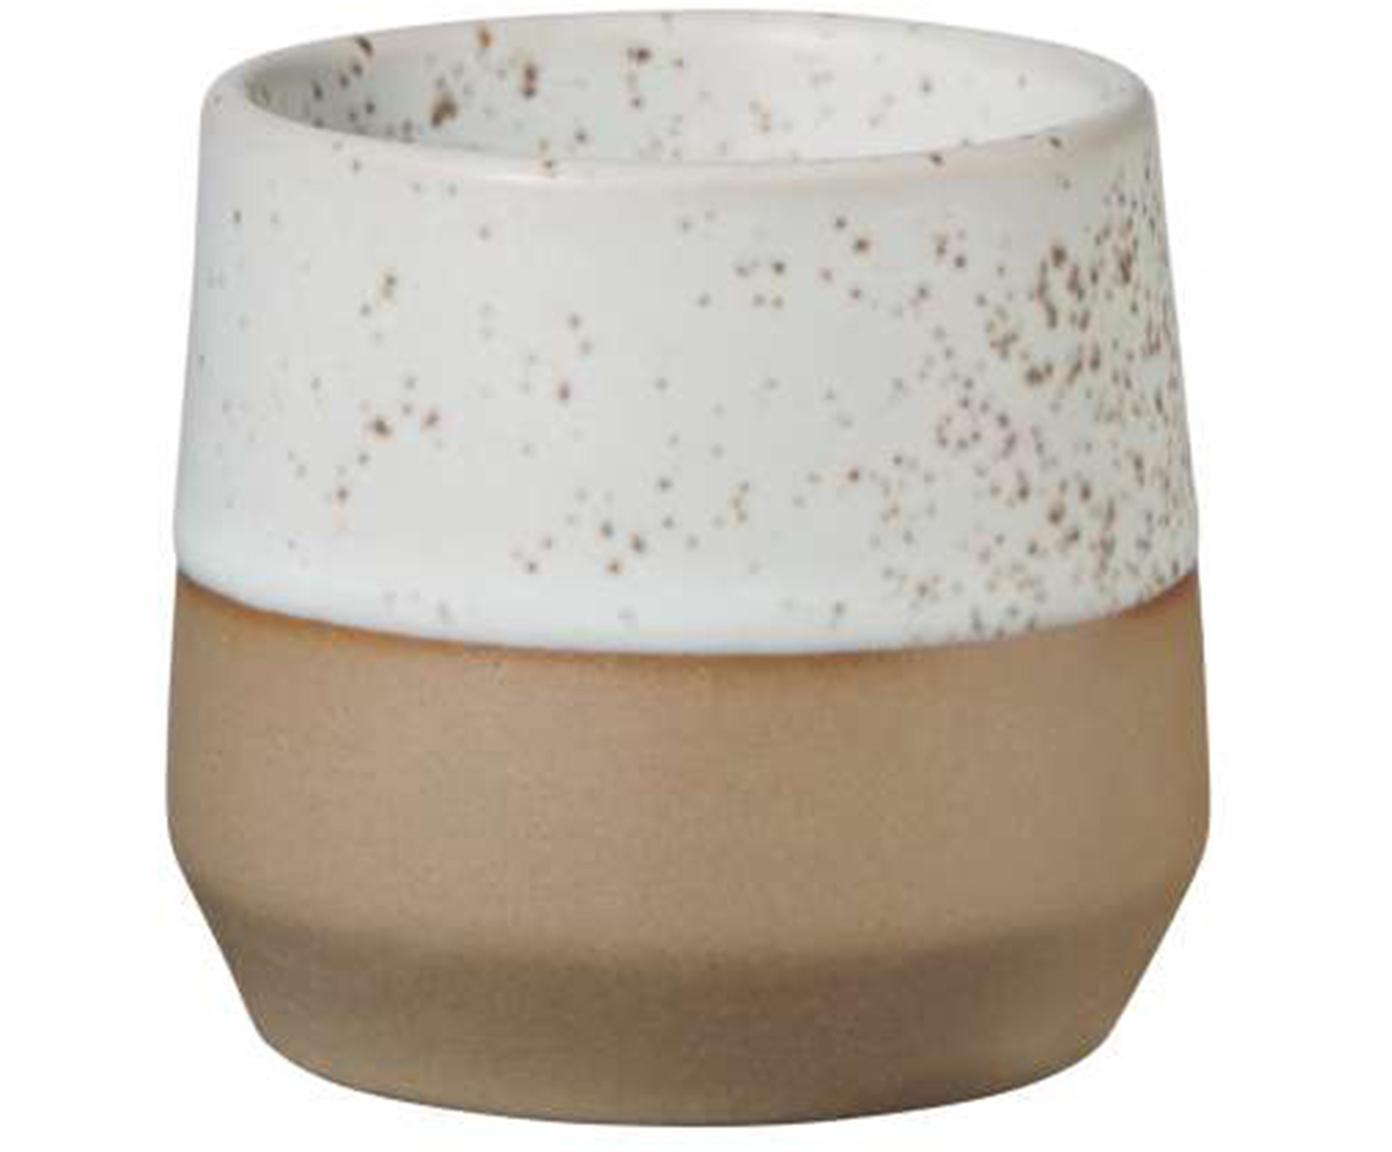 Eierbecher Caja matt in Braun- und Beigetönen, 2 Stück, Terrakotta, Braun- und Beigetöne, Ø 5 x H 5 cm